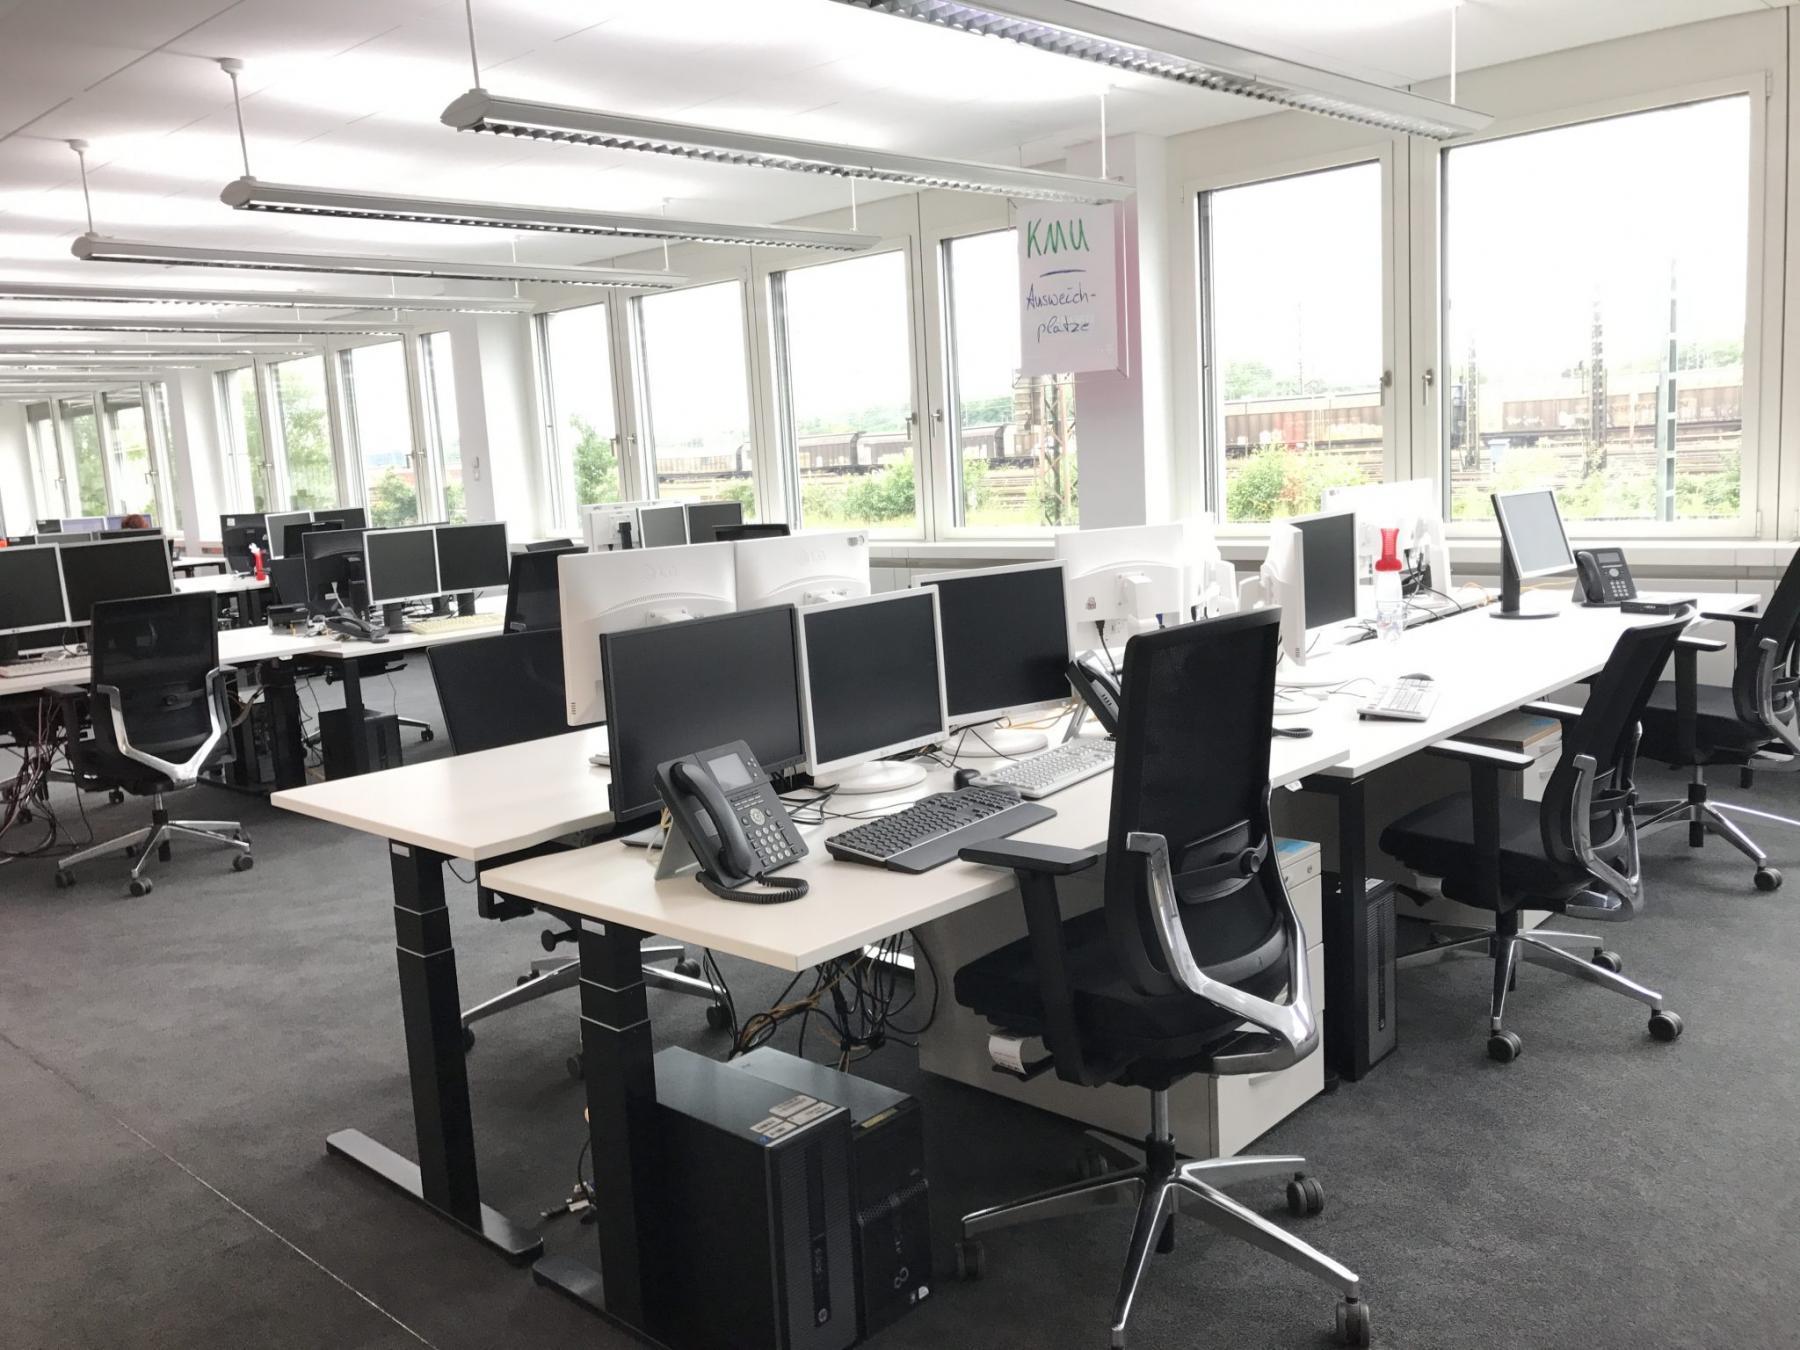 Geräumiger Coworking-Bereich mit Aussicht aufs Gelände